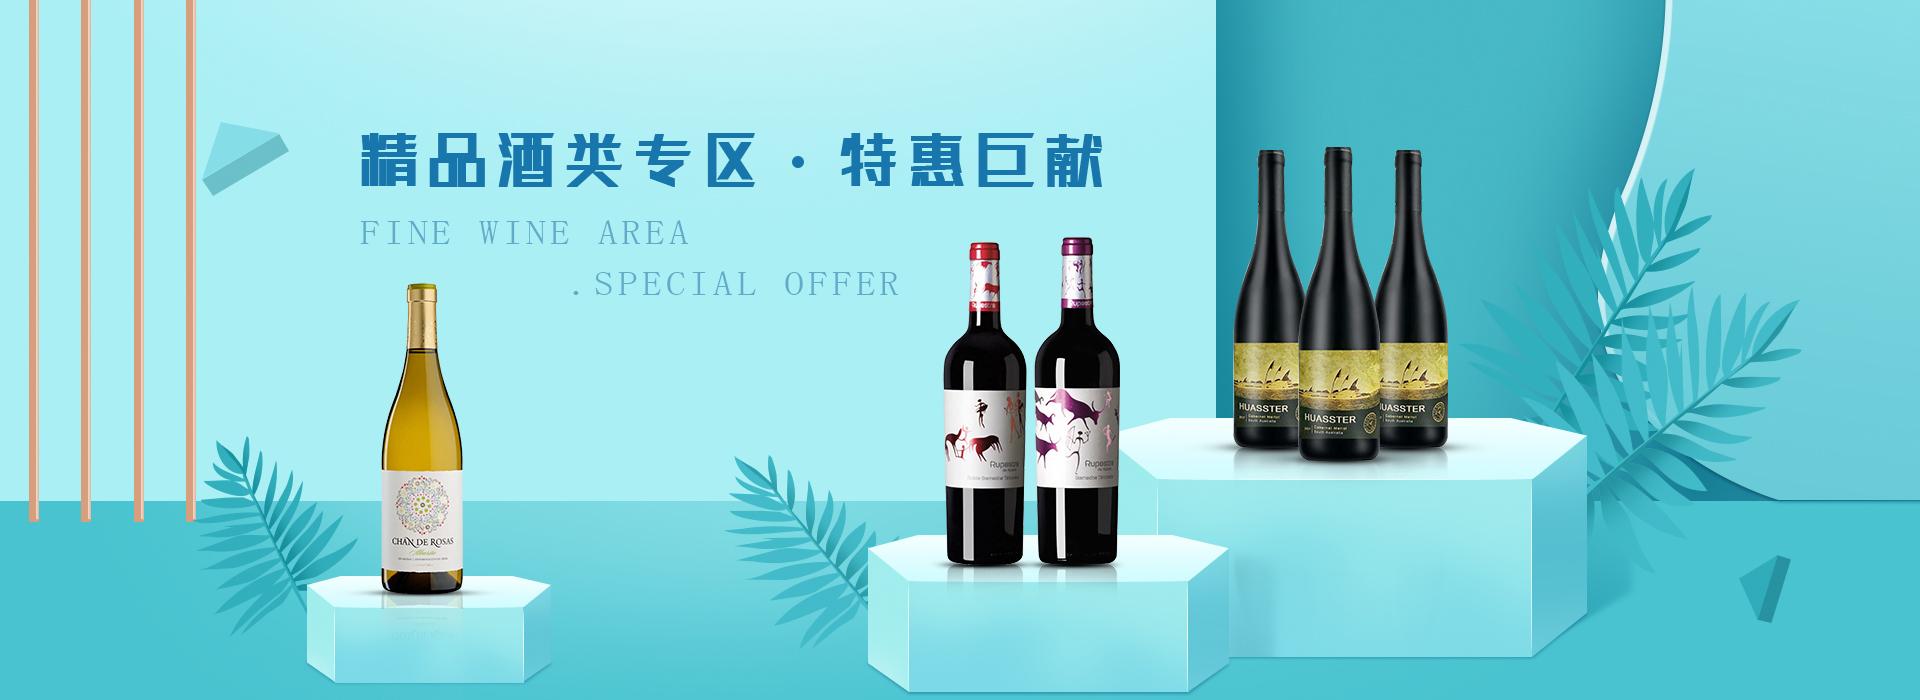 原瓶进口葡萄酒价格多少钱一瓶_法国葡萄酒、香槟批发-福莱沃酒业广州有限公司